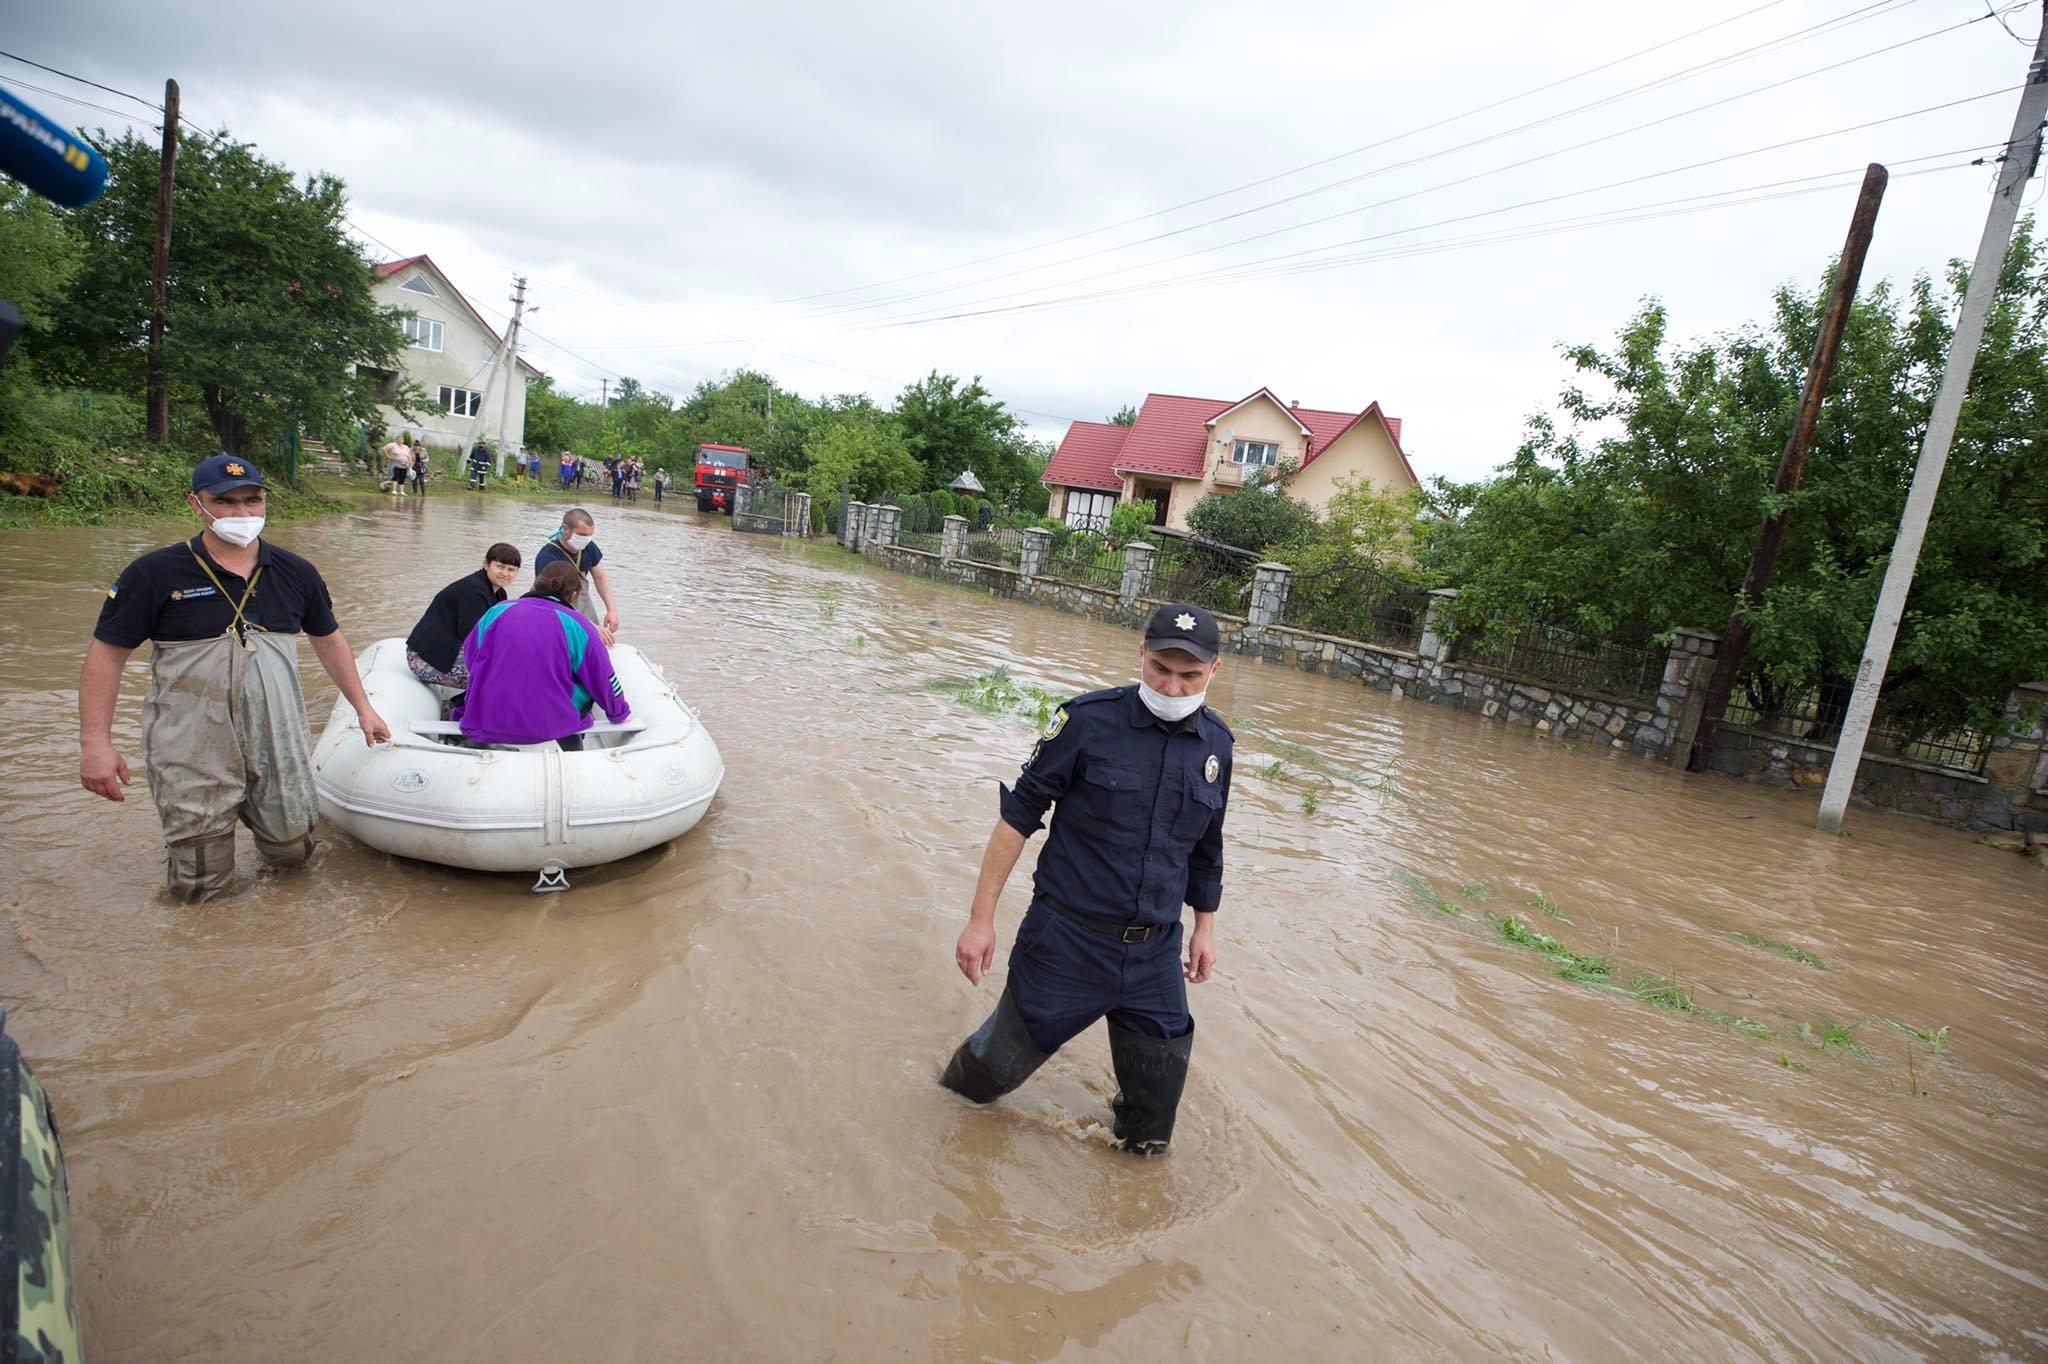 Паводок на западной Украине: ГСЧС огласила штормовое предупреждение - фото 3